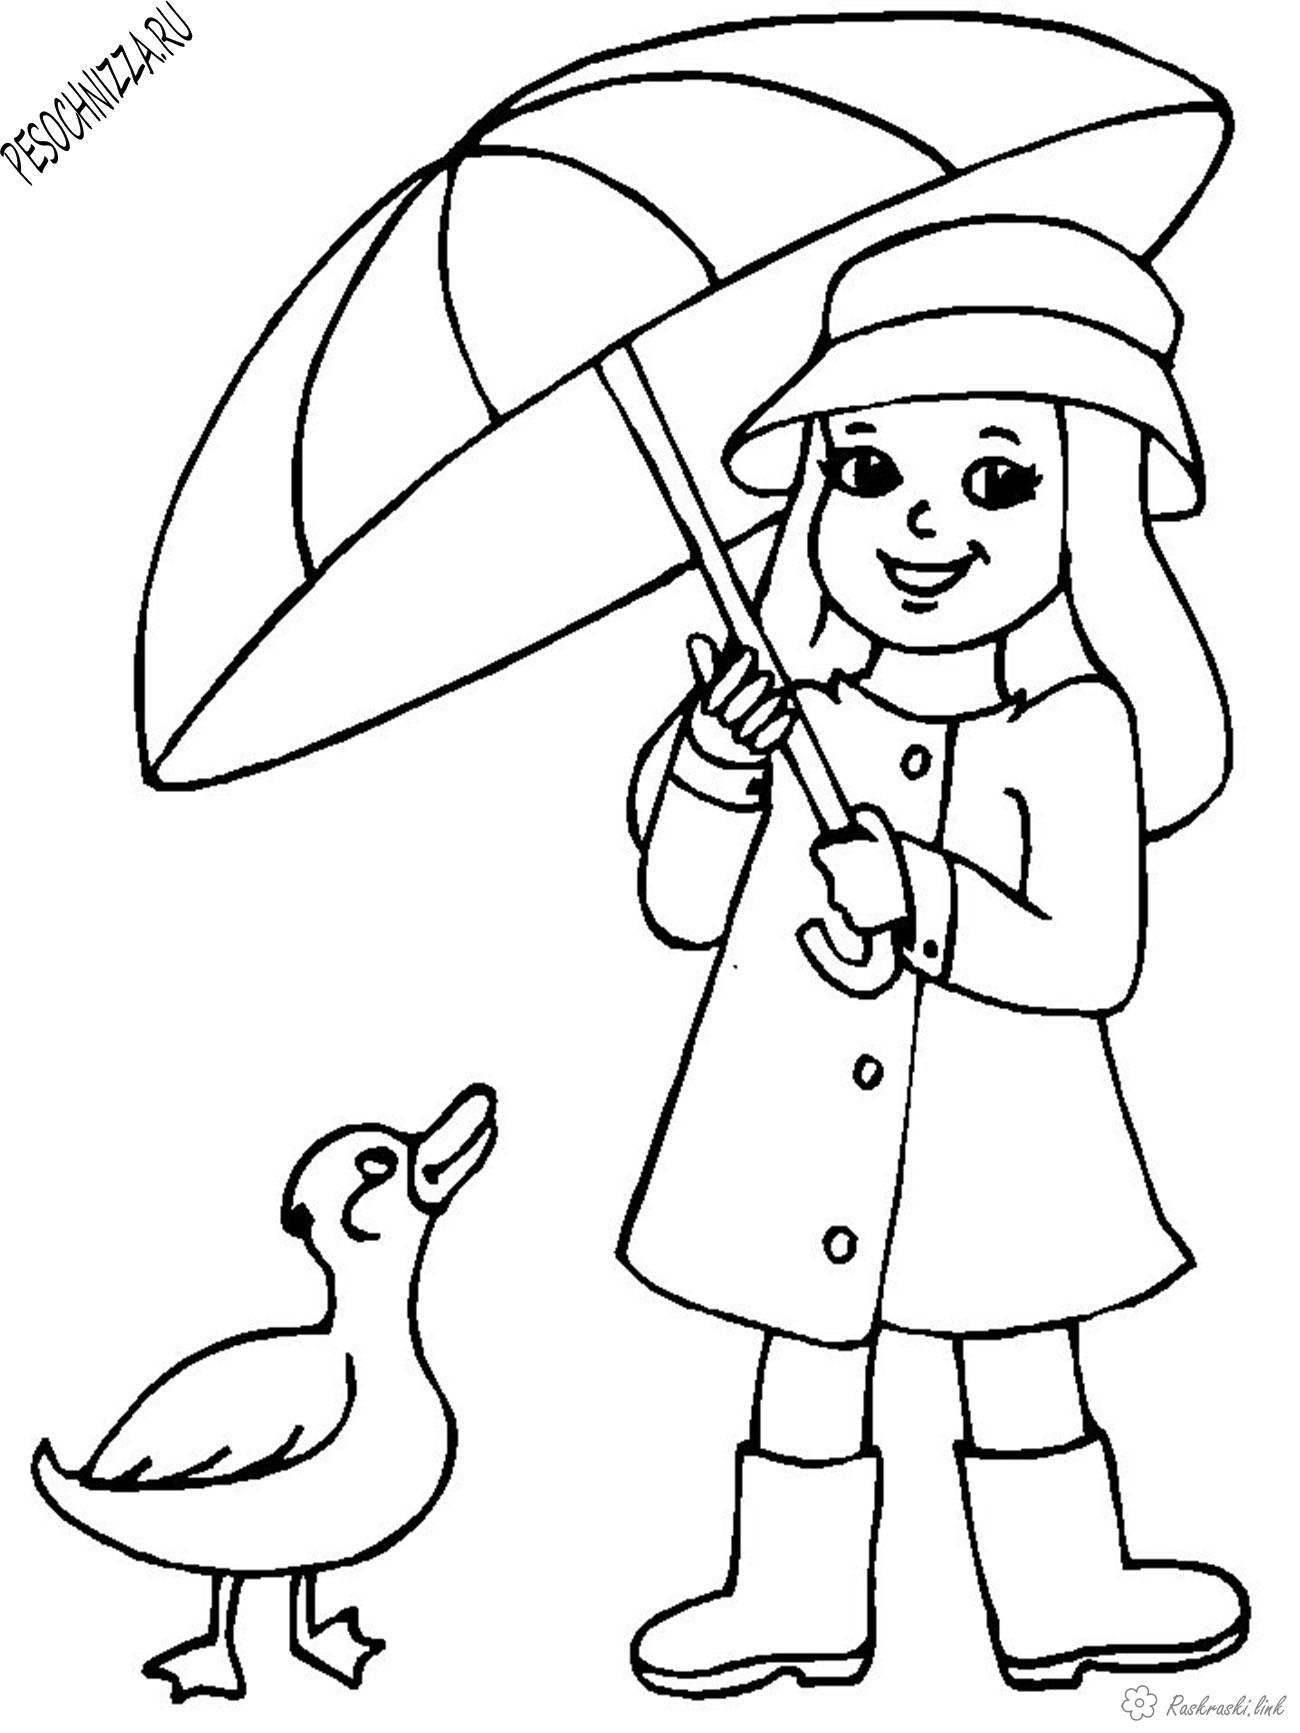 Розмальовки дівчинка Свято 1 червня День захисту дітей дівчинка качка парасольку